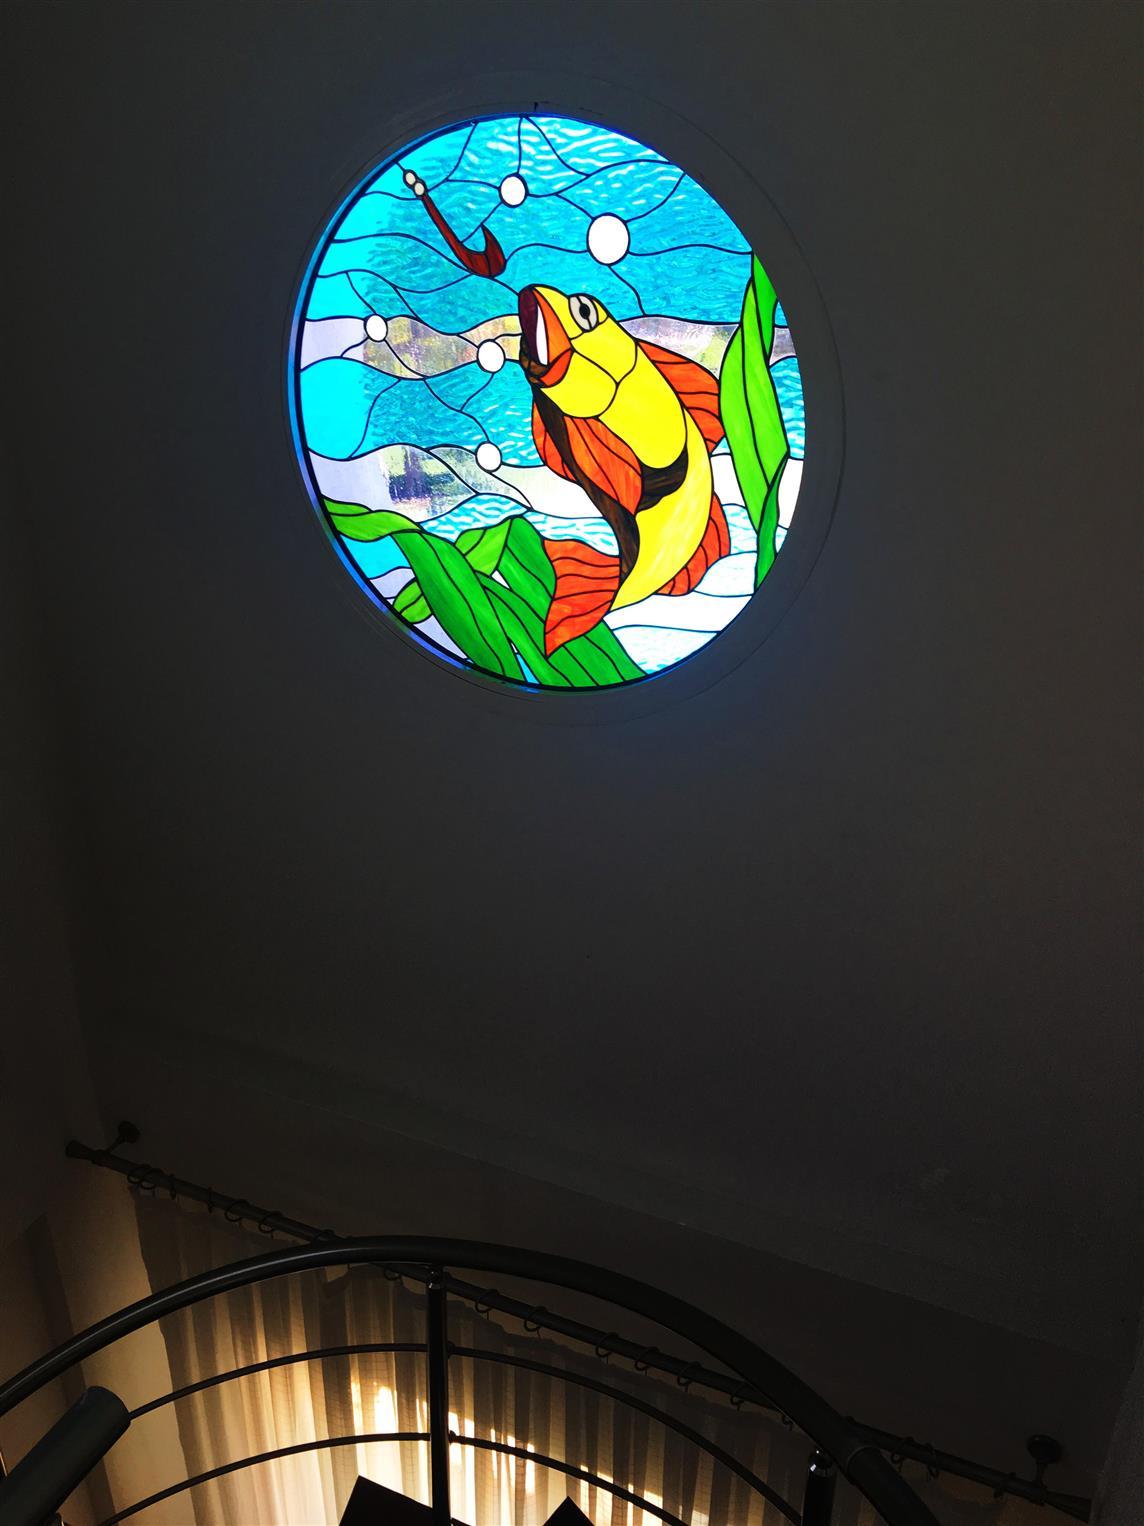 yuvarlak-pencere-vitraylari-urla20171221193937379.jpg izmir vitray çalışması